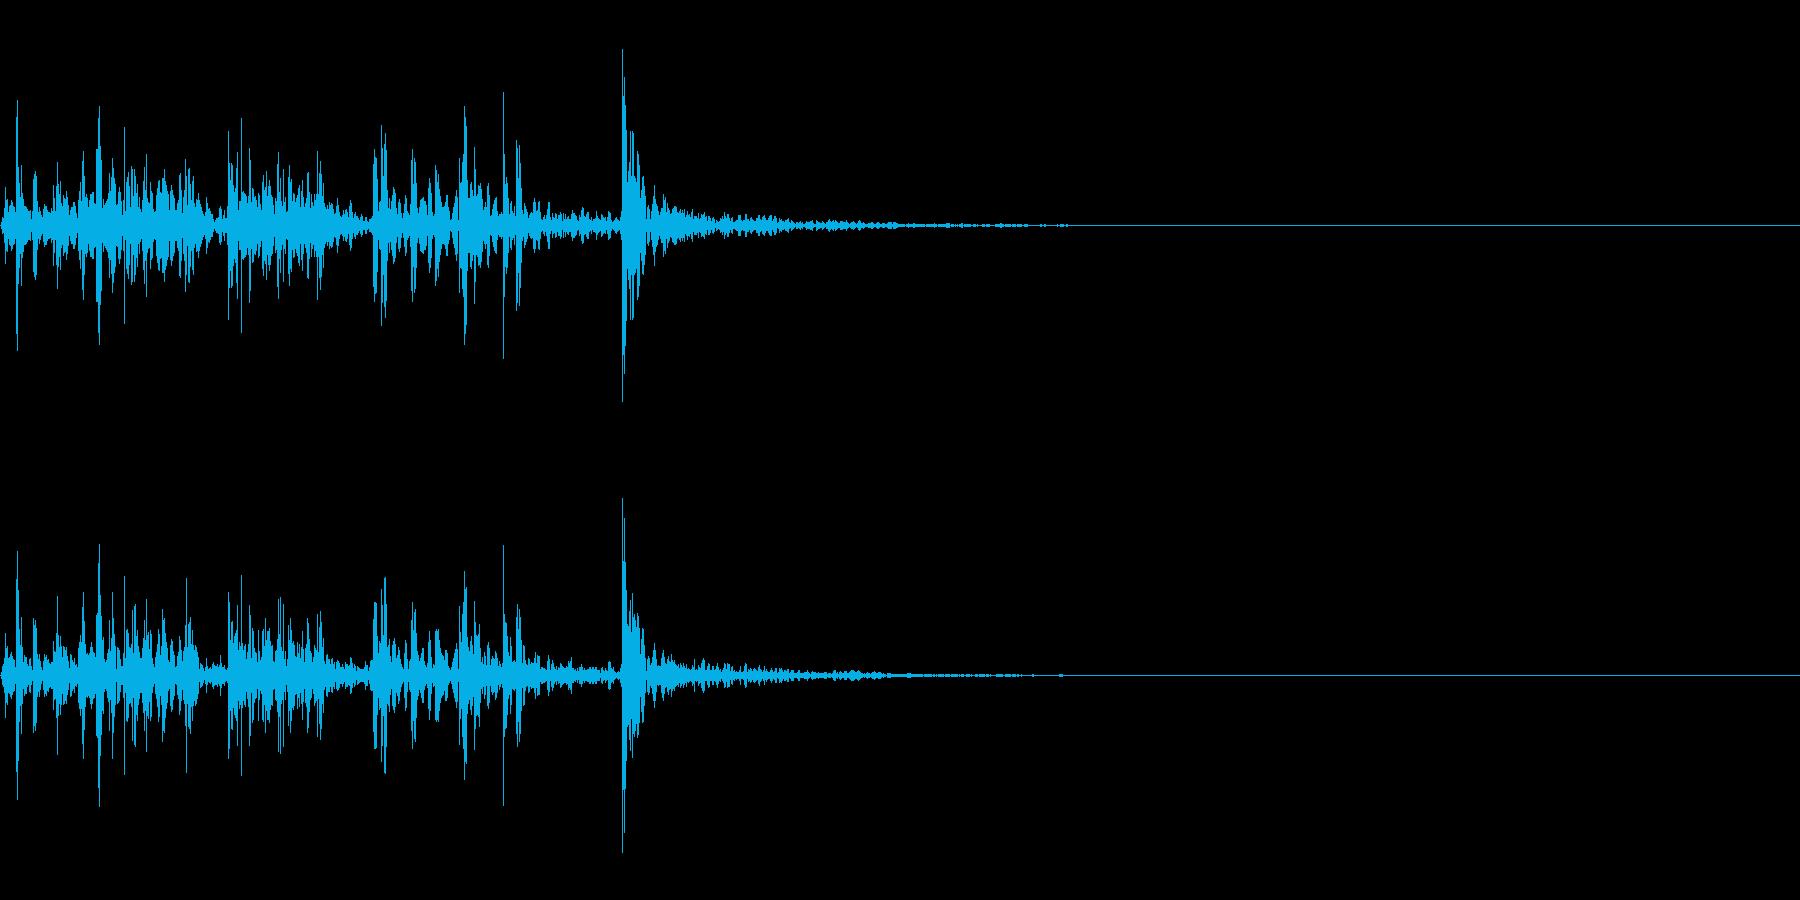 スパーク音-44の再生済みの波形